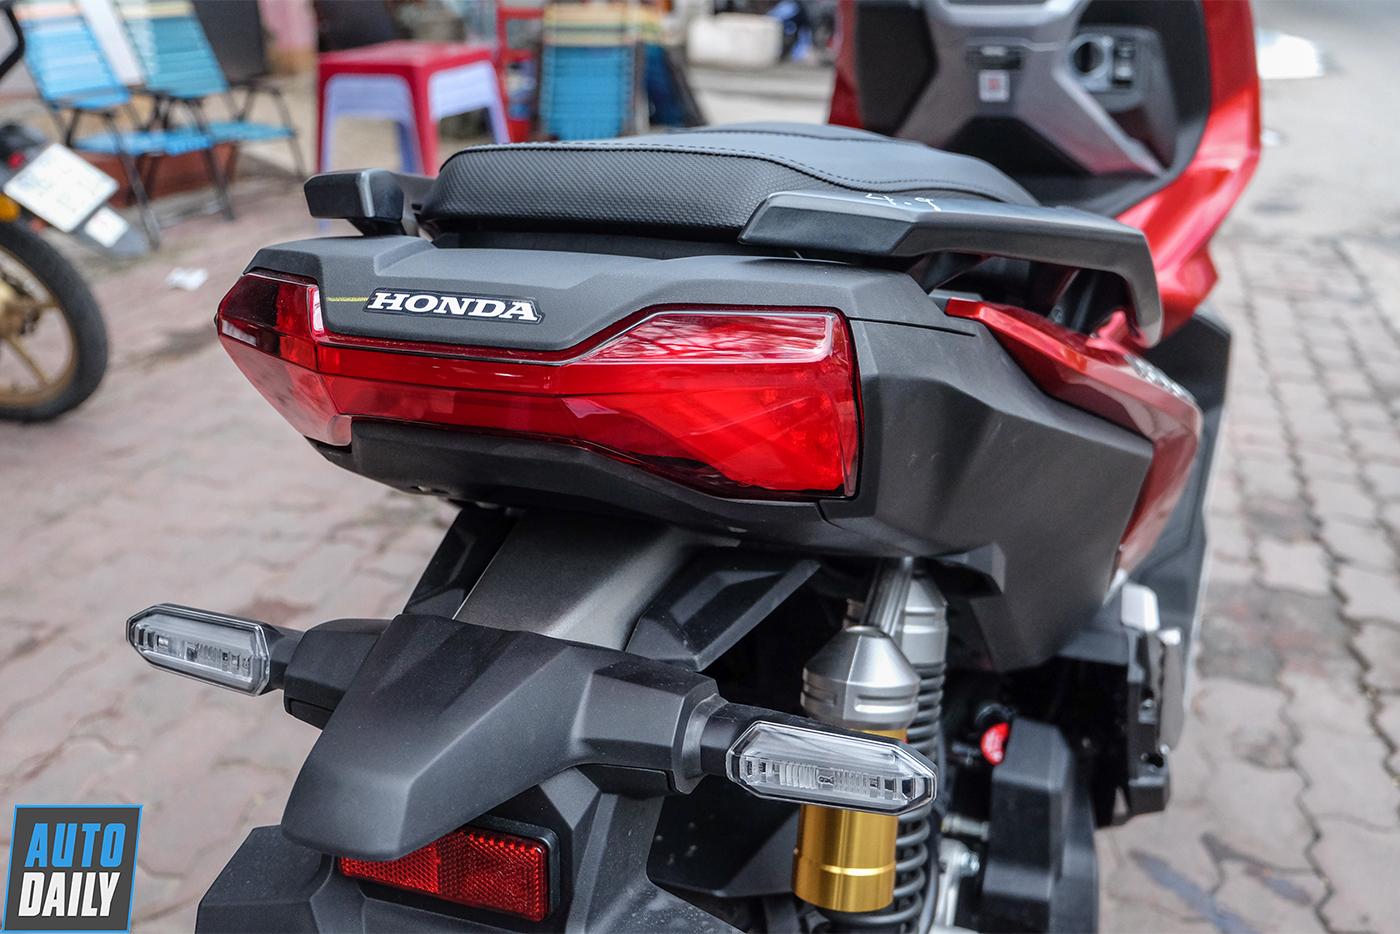 honda-adv-150-2019-27.jpg